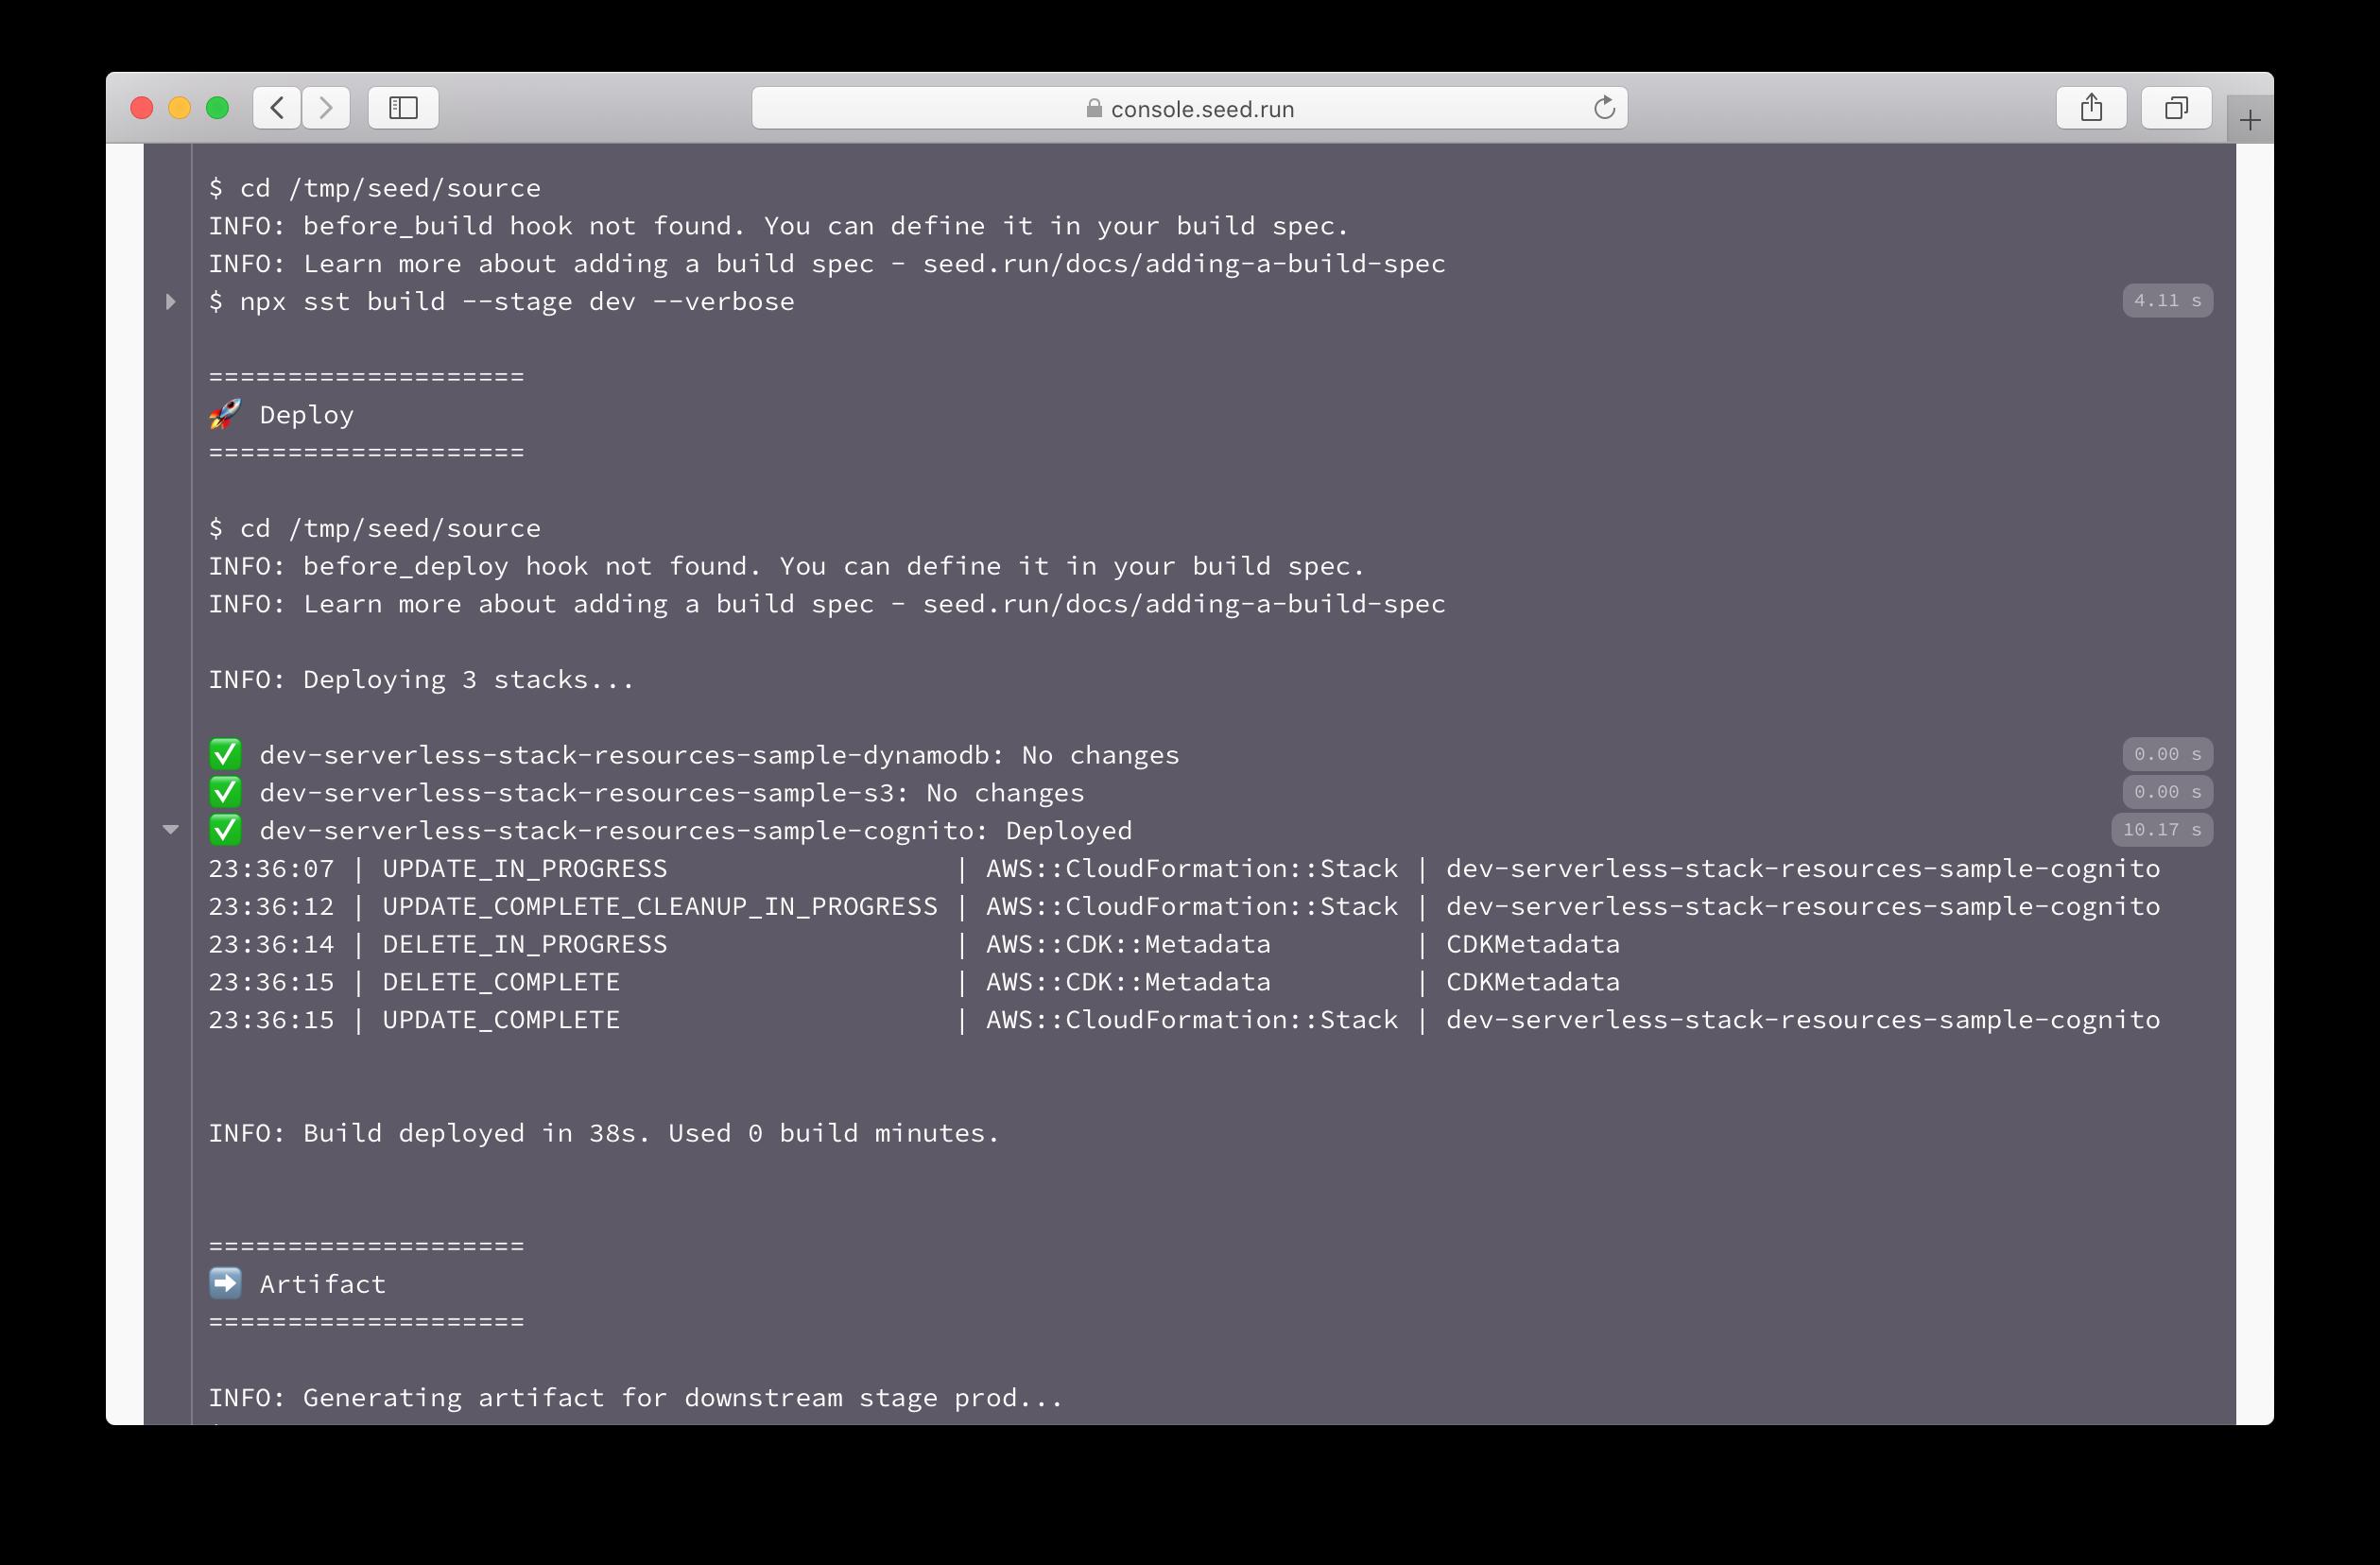 SST build log in Seed